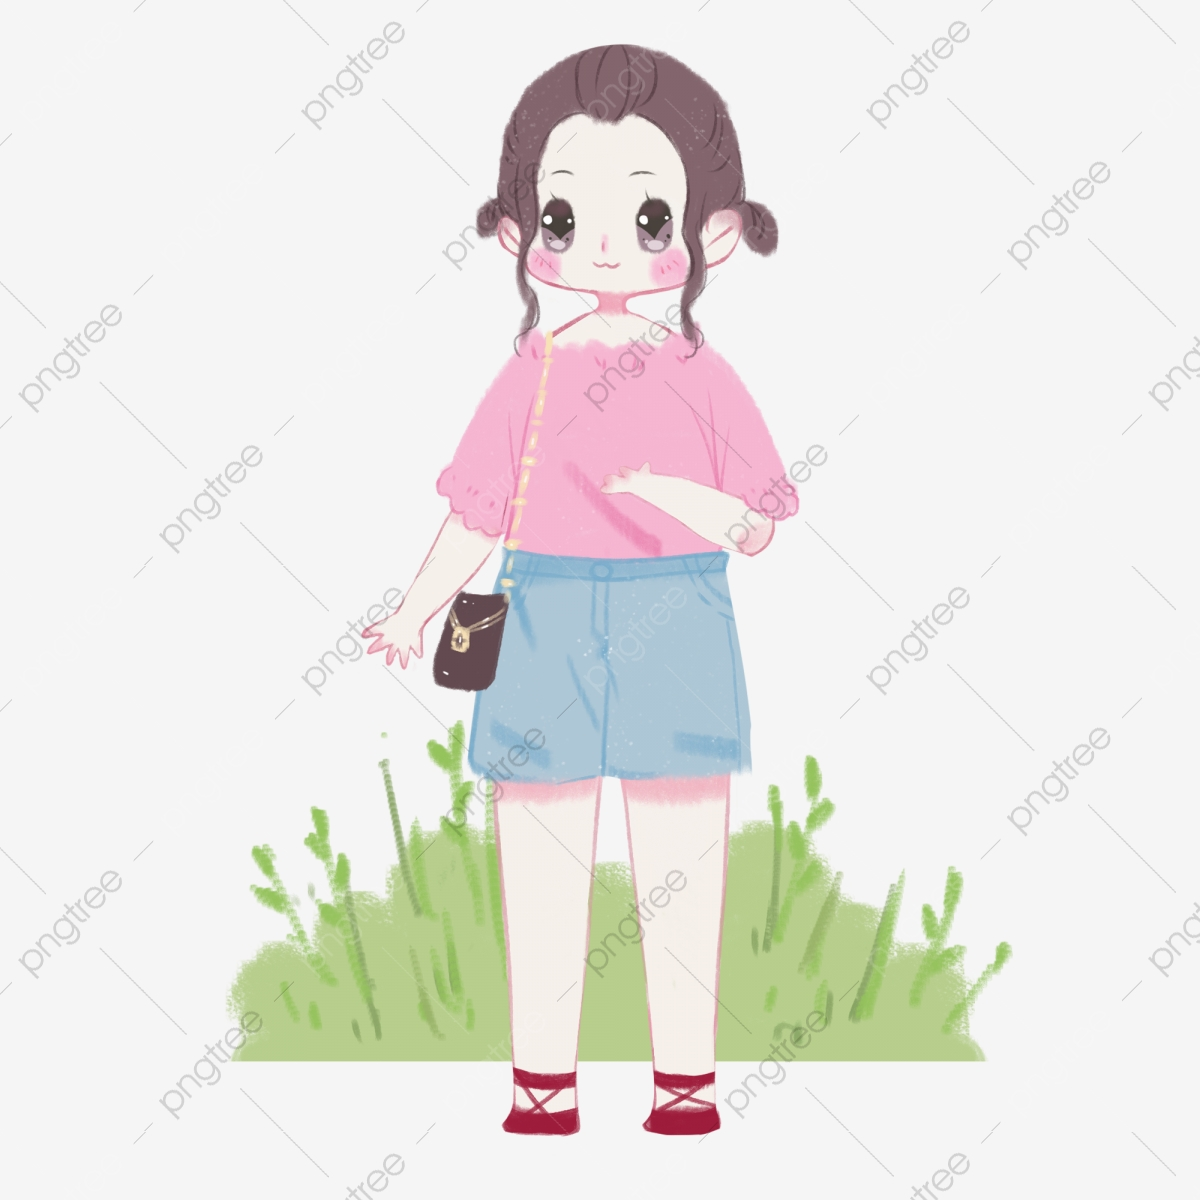 ملابس الصيف الصيف فستان خفيف فتاة الكرتون مباراة الصيف الصيف Png وملف Psd للتحميل مجانا